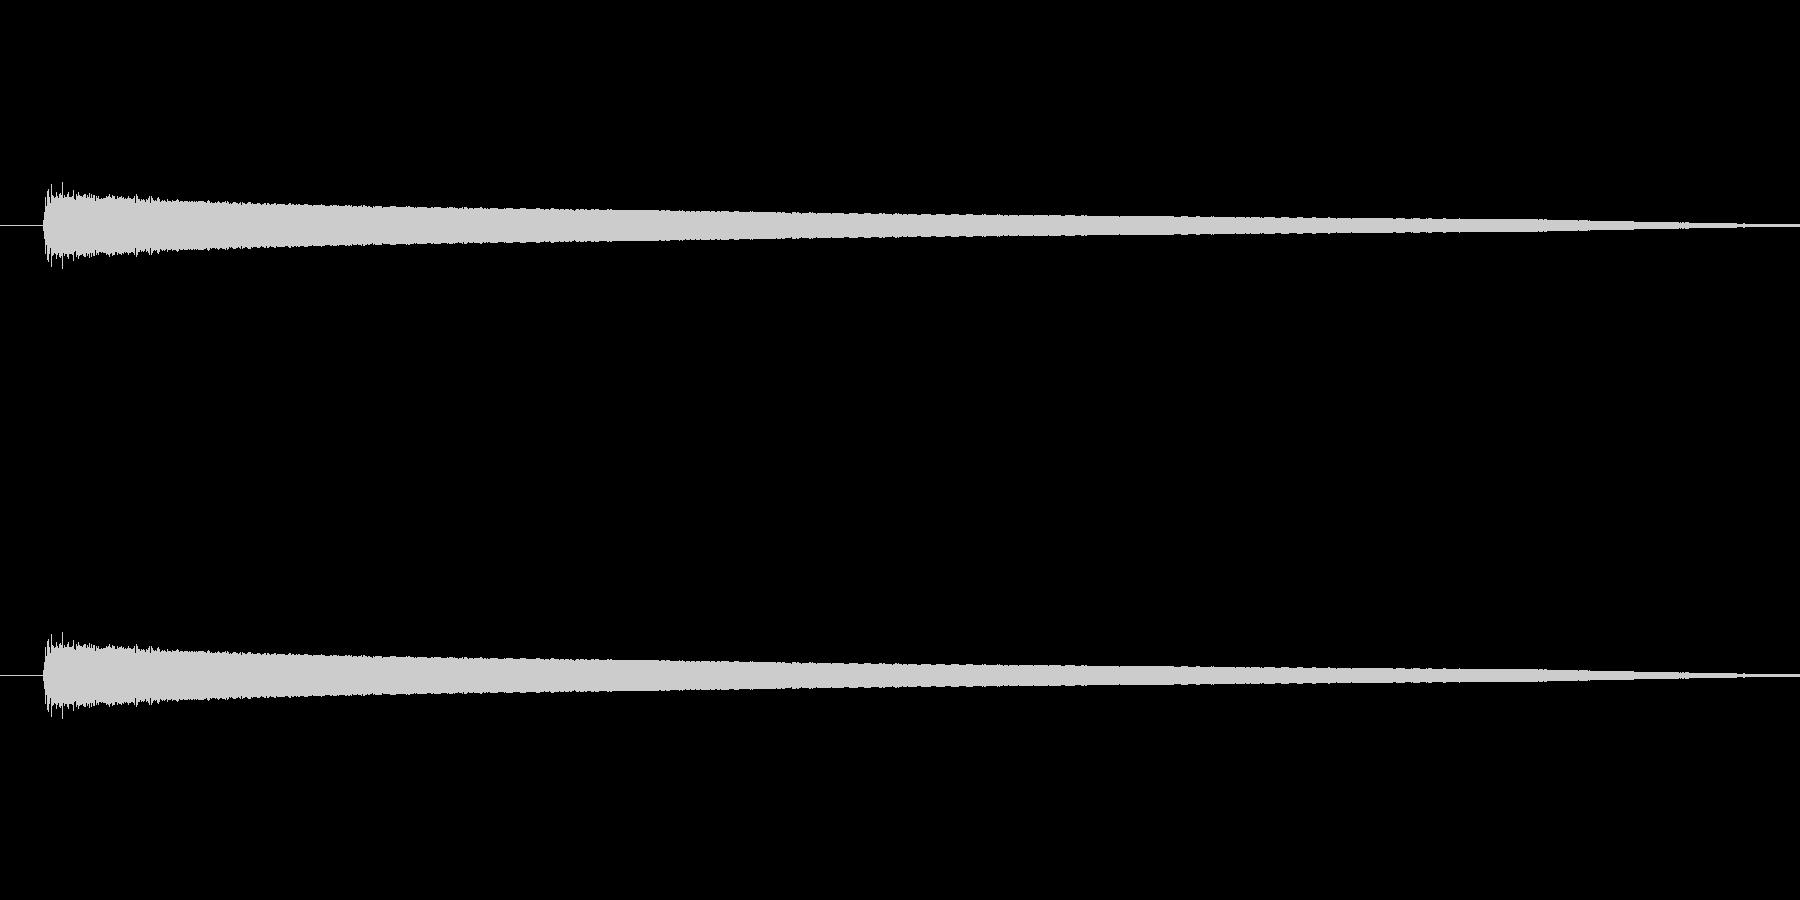 「コーン (ベル風の音)」の未再生の波形